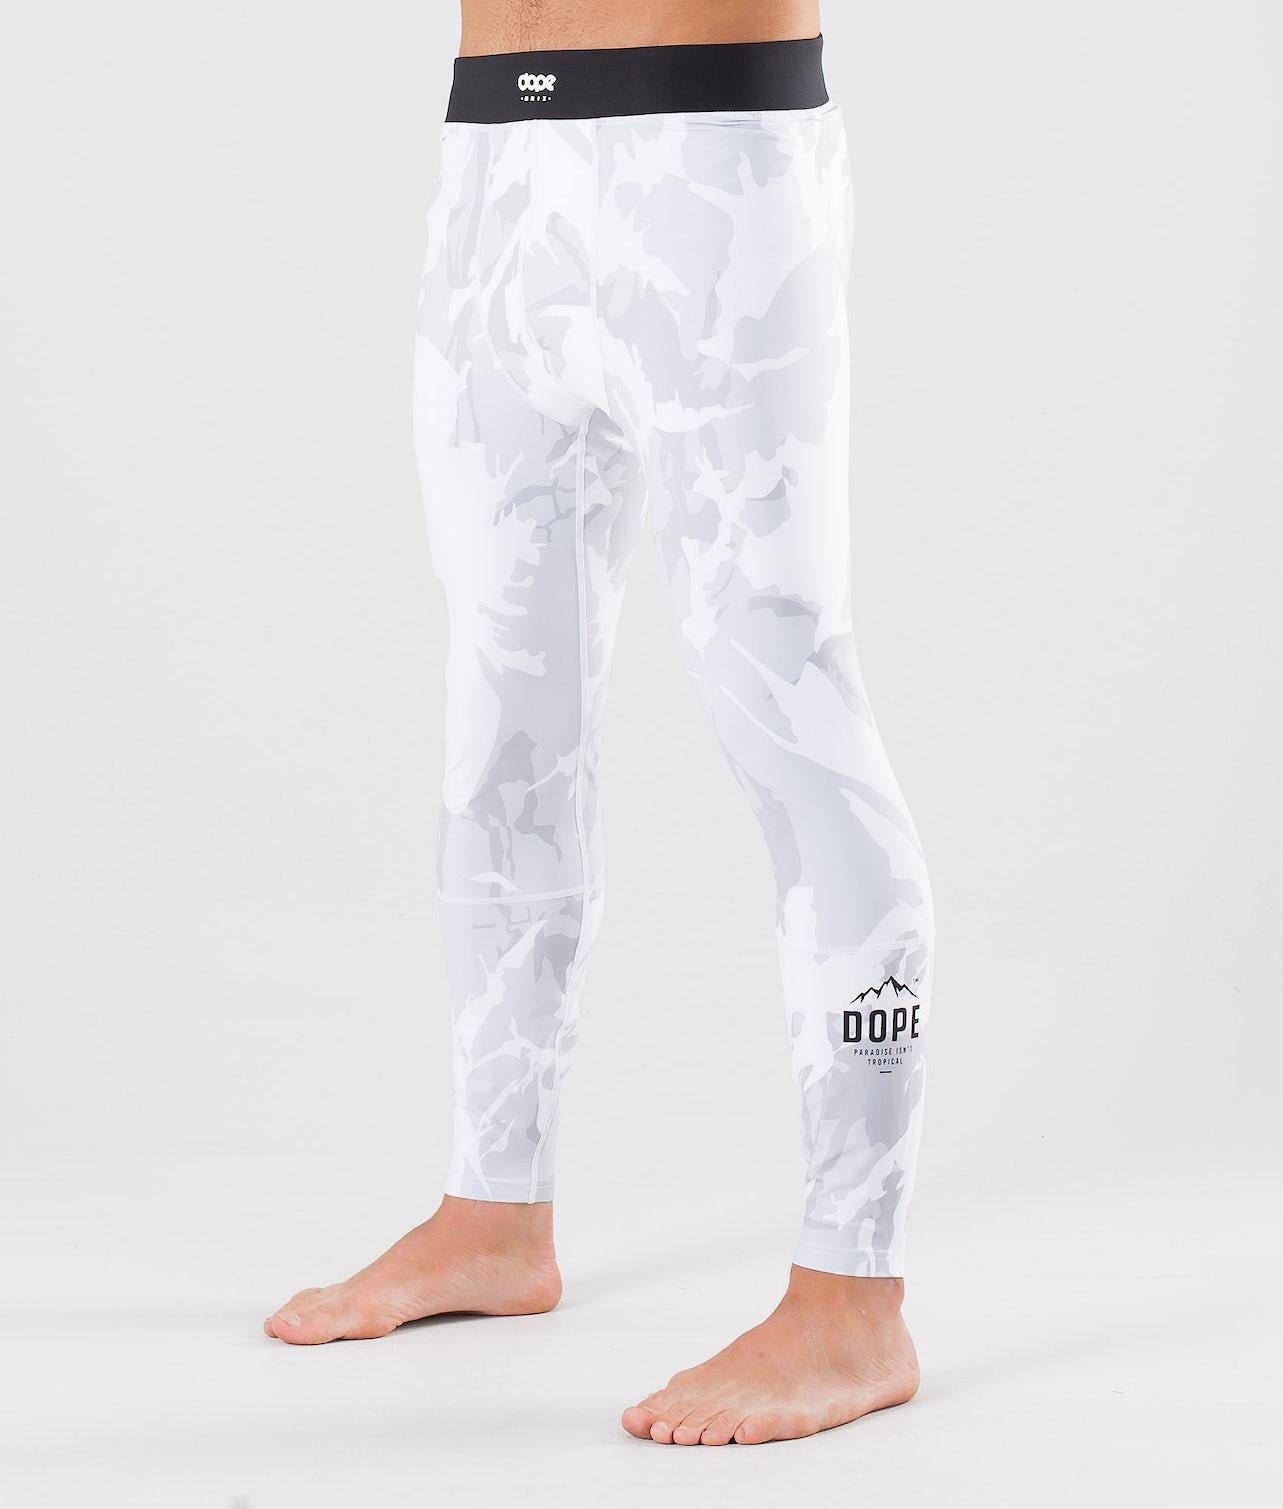 Kjøp Snuggle Paradise Superundertøy bukse fra Dope på Ridestore.no - Hos oss har du alltid fri frakt, fri retur og 30 dagers åpent kjøp!